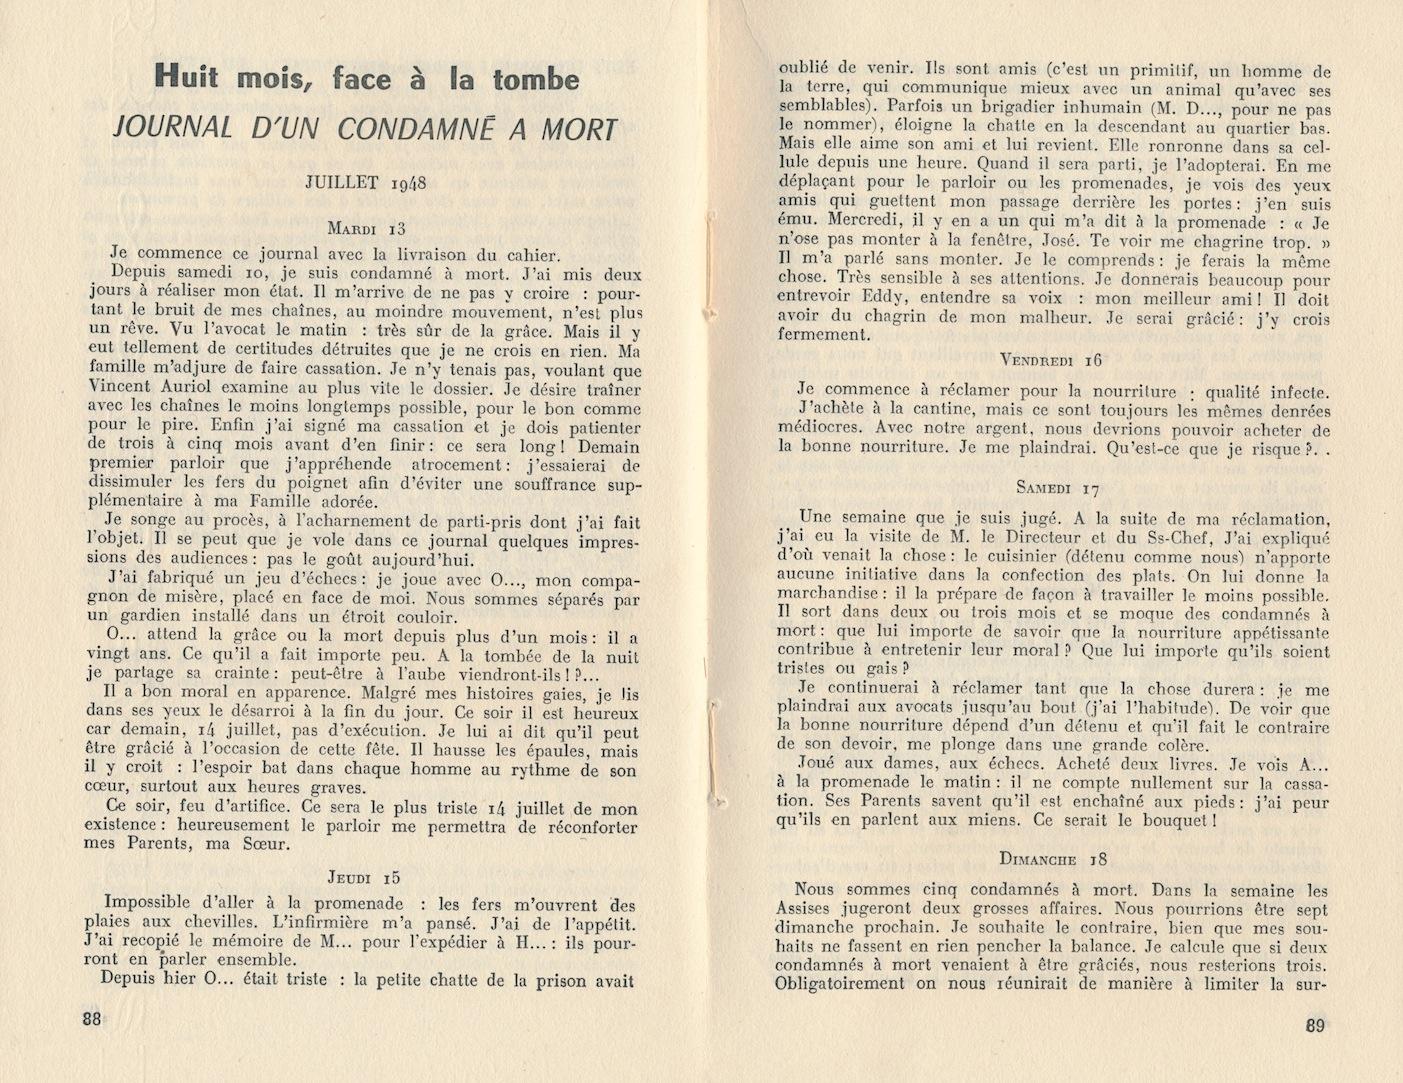 Journal de Joseph Damiani, plus connu sous le nom de José Giovanni